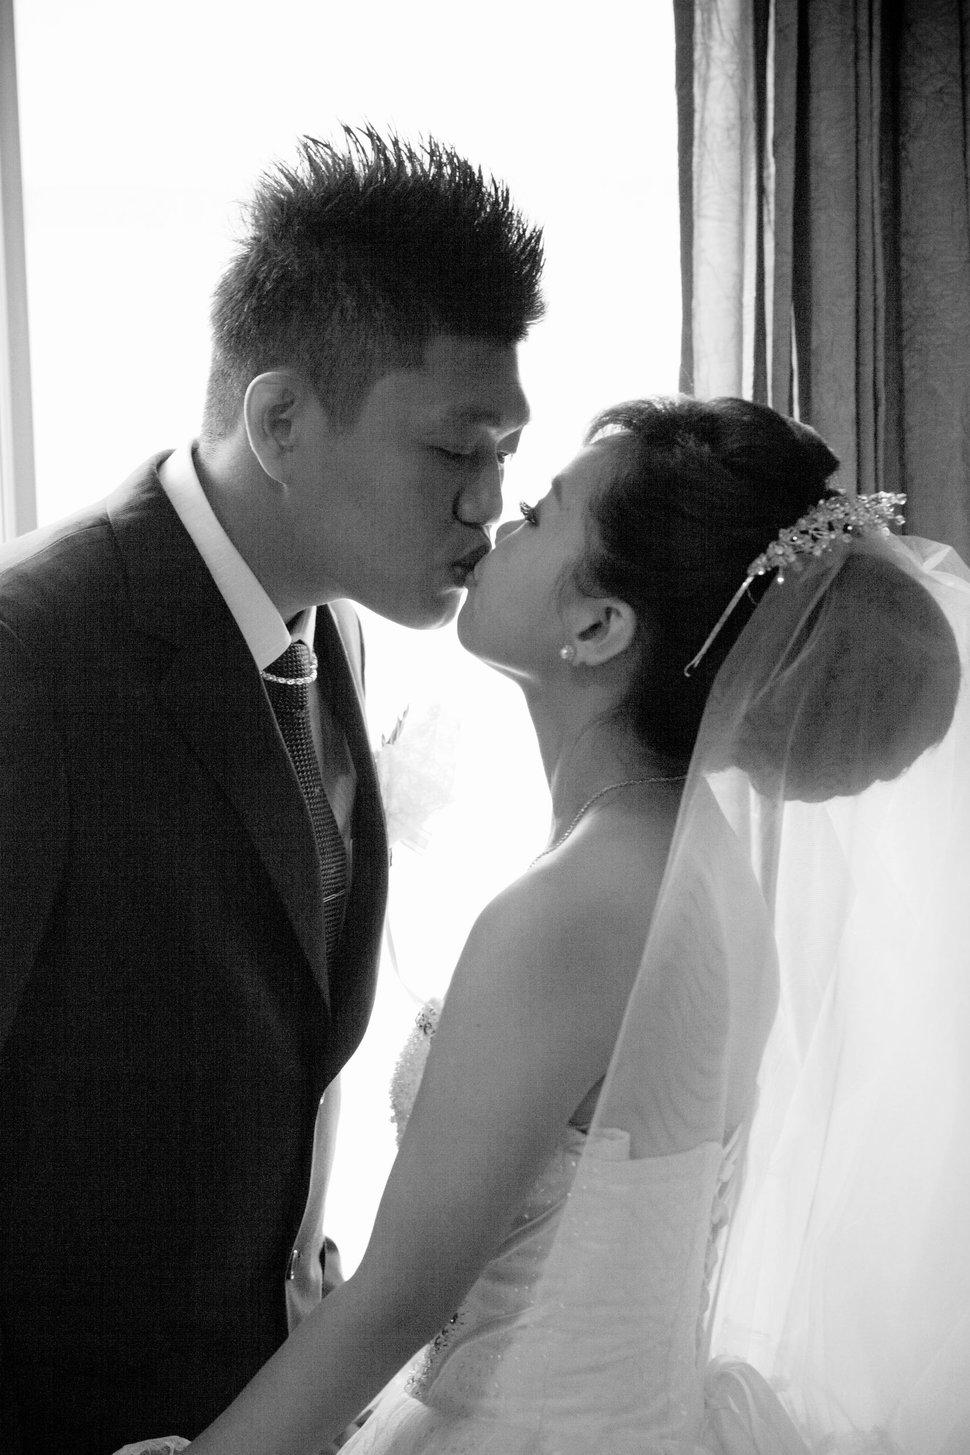 結婚迎娶午宴東達極品美饌結婚迎娶婚禮記錄動態微電影錄影專業錄影(編號:194142) - 蜜月拍照10800錄影12800攝影團隊 - 結婚吧